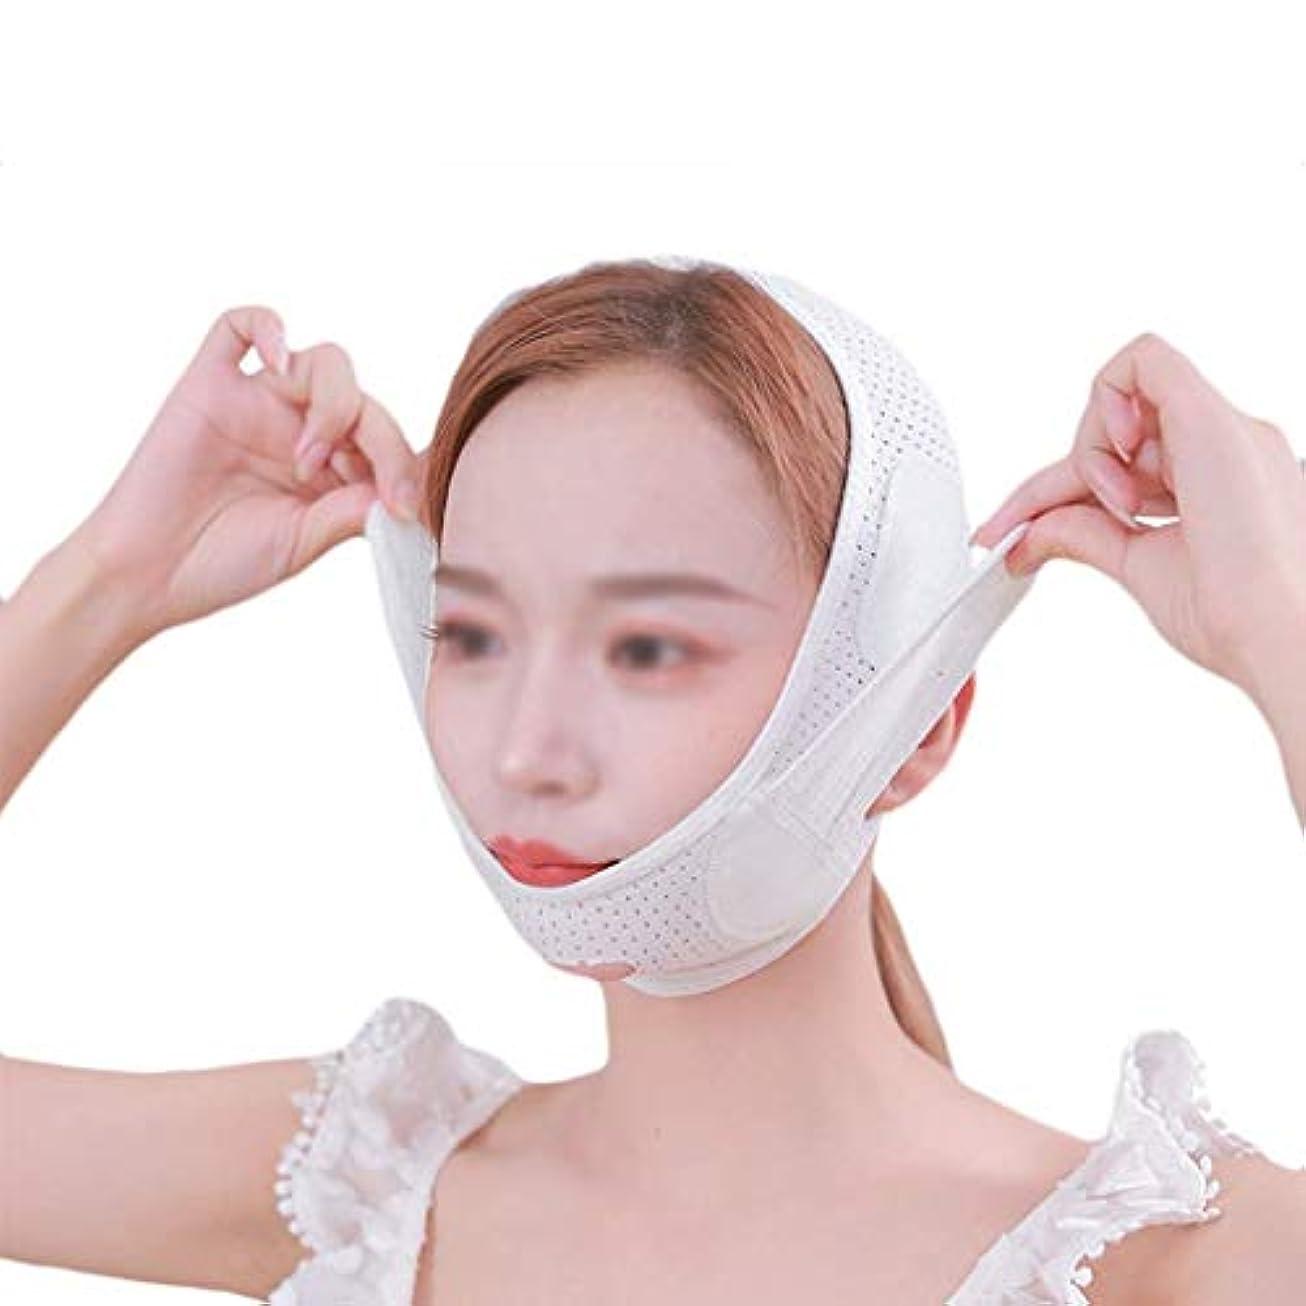 寮正午規制フェイシャルリフティング包帯、頬スリミングマスク包帯、フェイスリフティングファーミングフェースリフティング、リフティングダブルチンフェイシャルマスク(ホワイト、フリーサイズ)